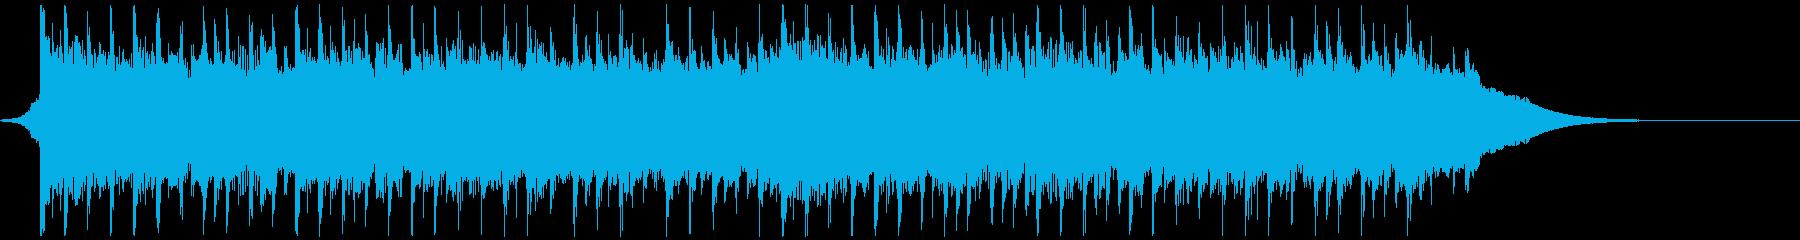 爽やかコーポレート/30秒の再生済みの波形